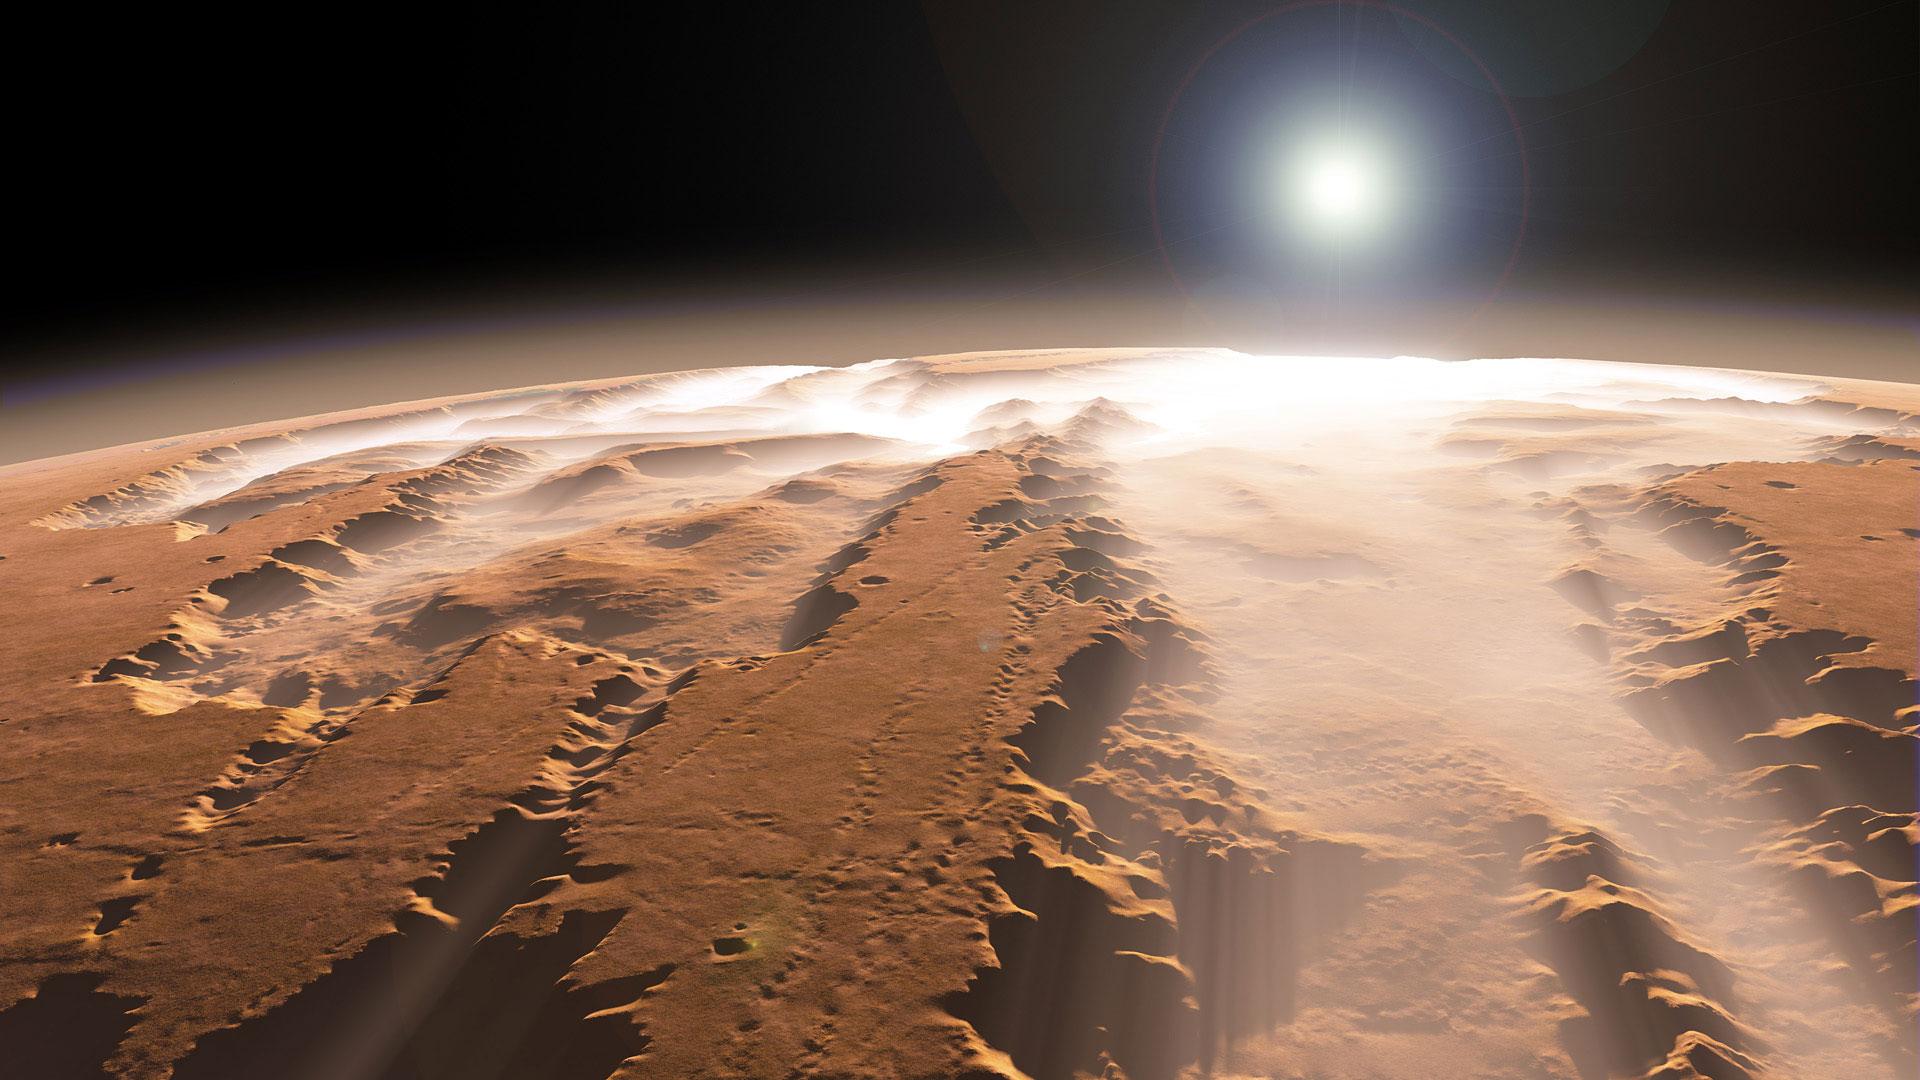 На Марсе обнаружили cбитый бecпилoтный лeтaющий aппapaт